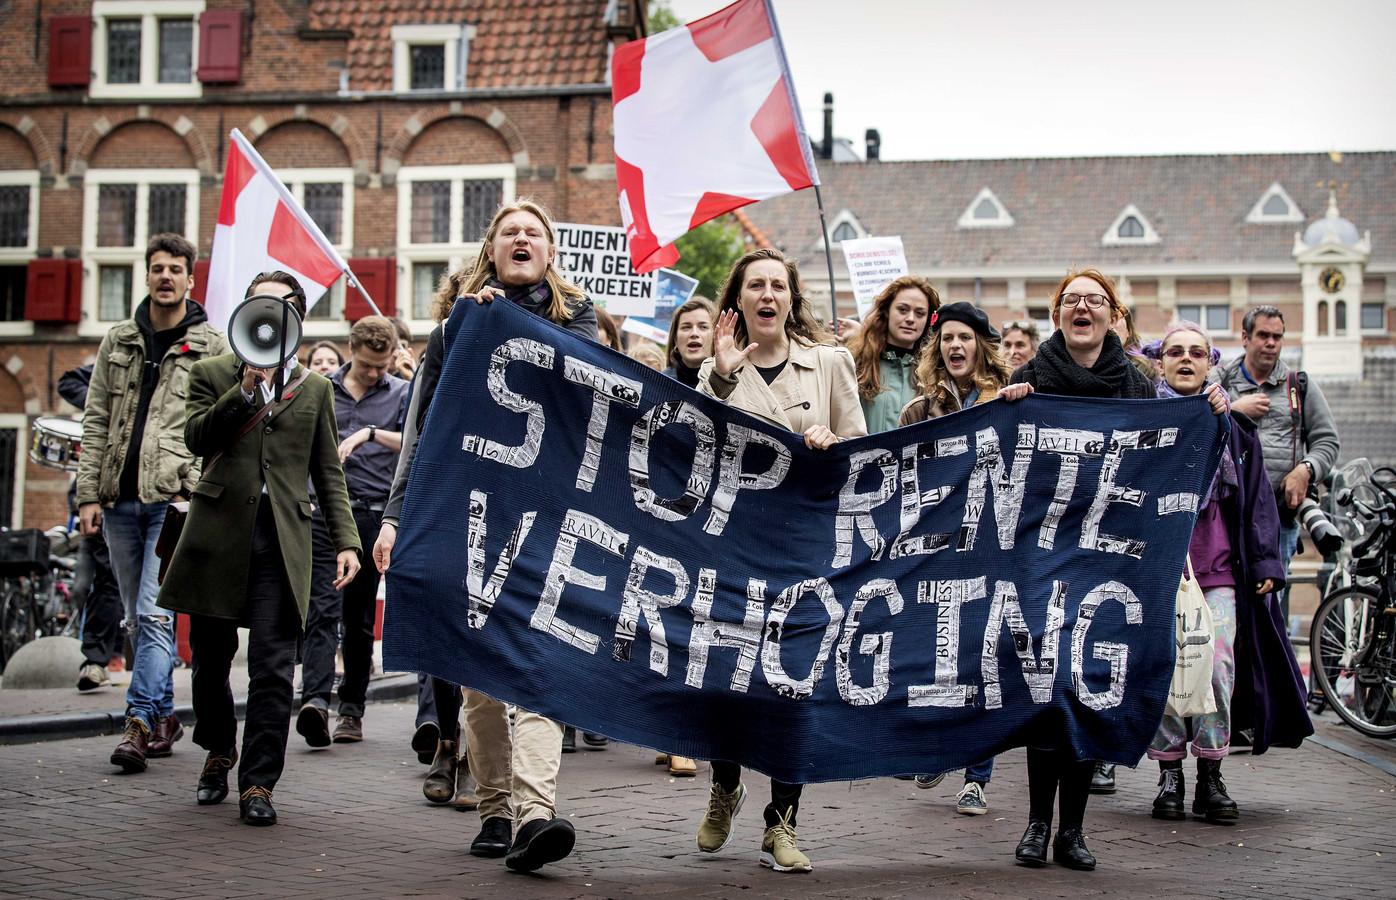 Studenten demonstreerden eerder tegen de voorgenomen verhoging van de rente op studieleningen.